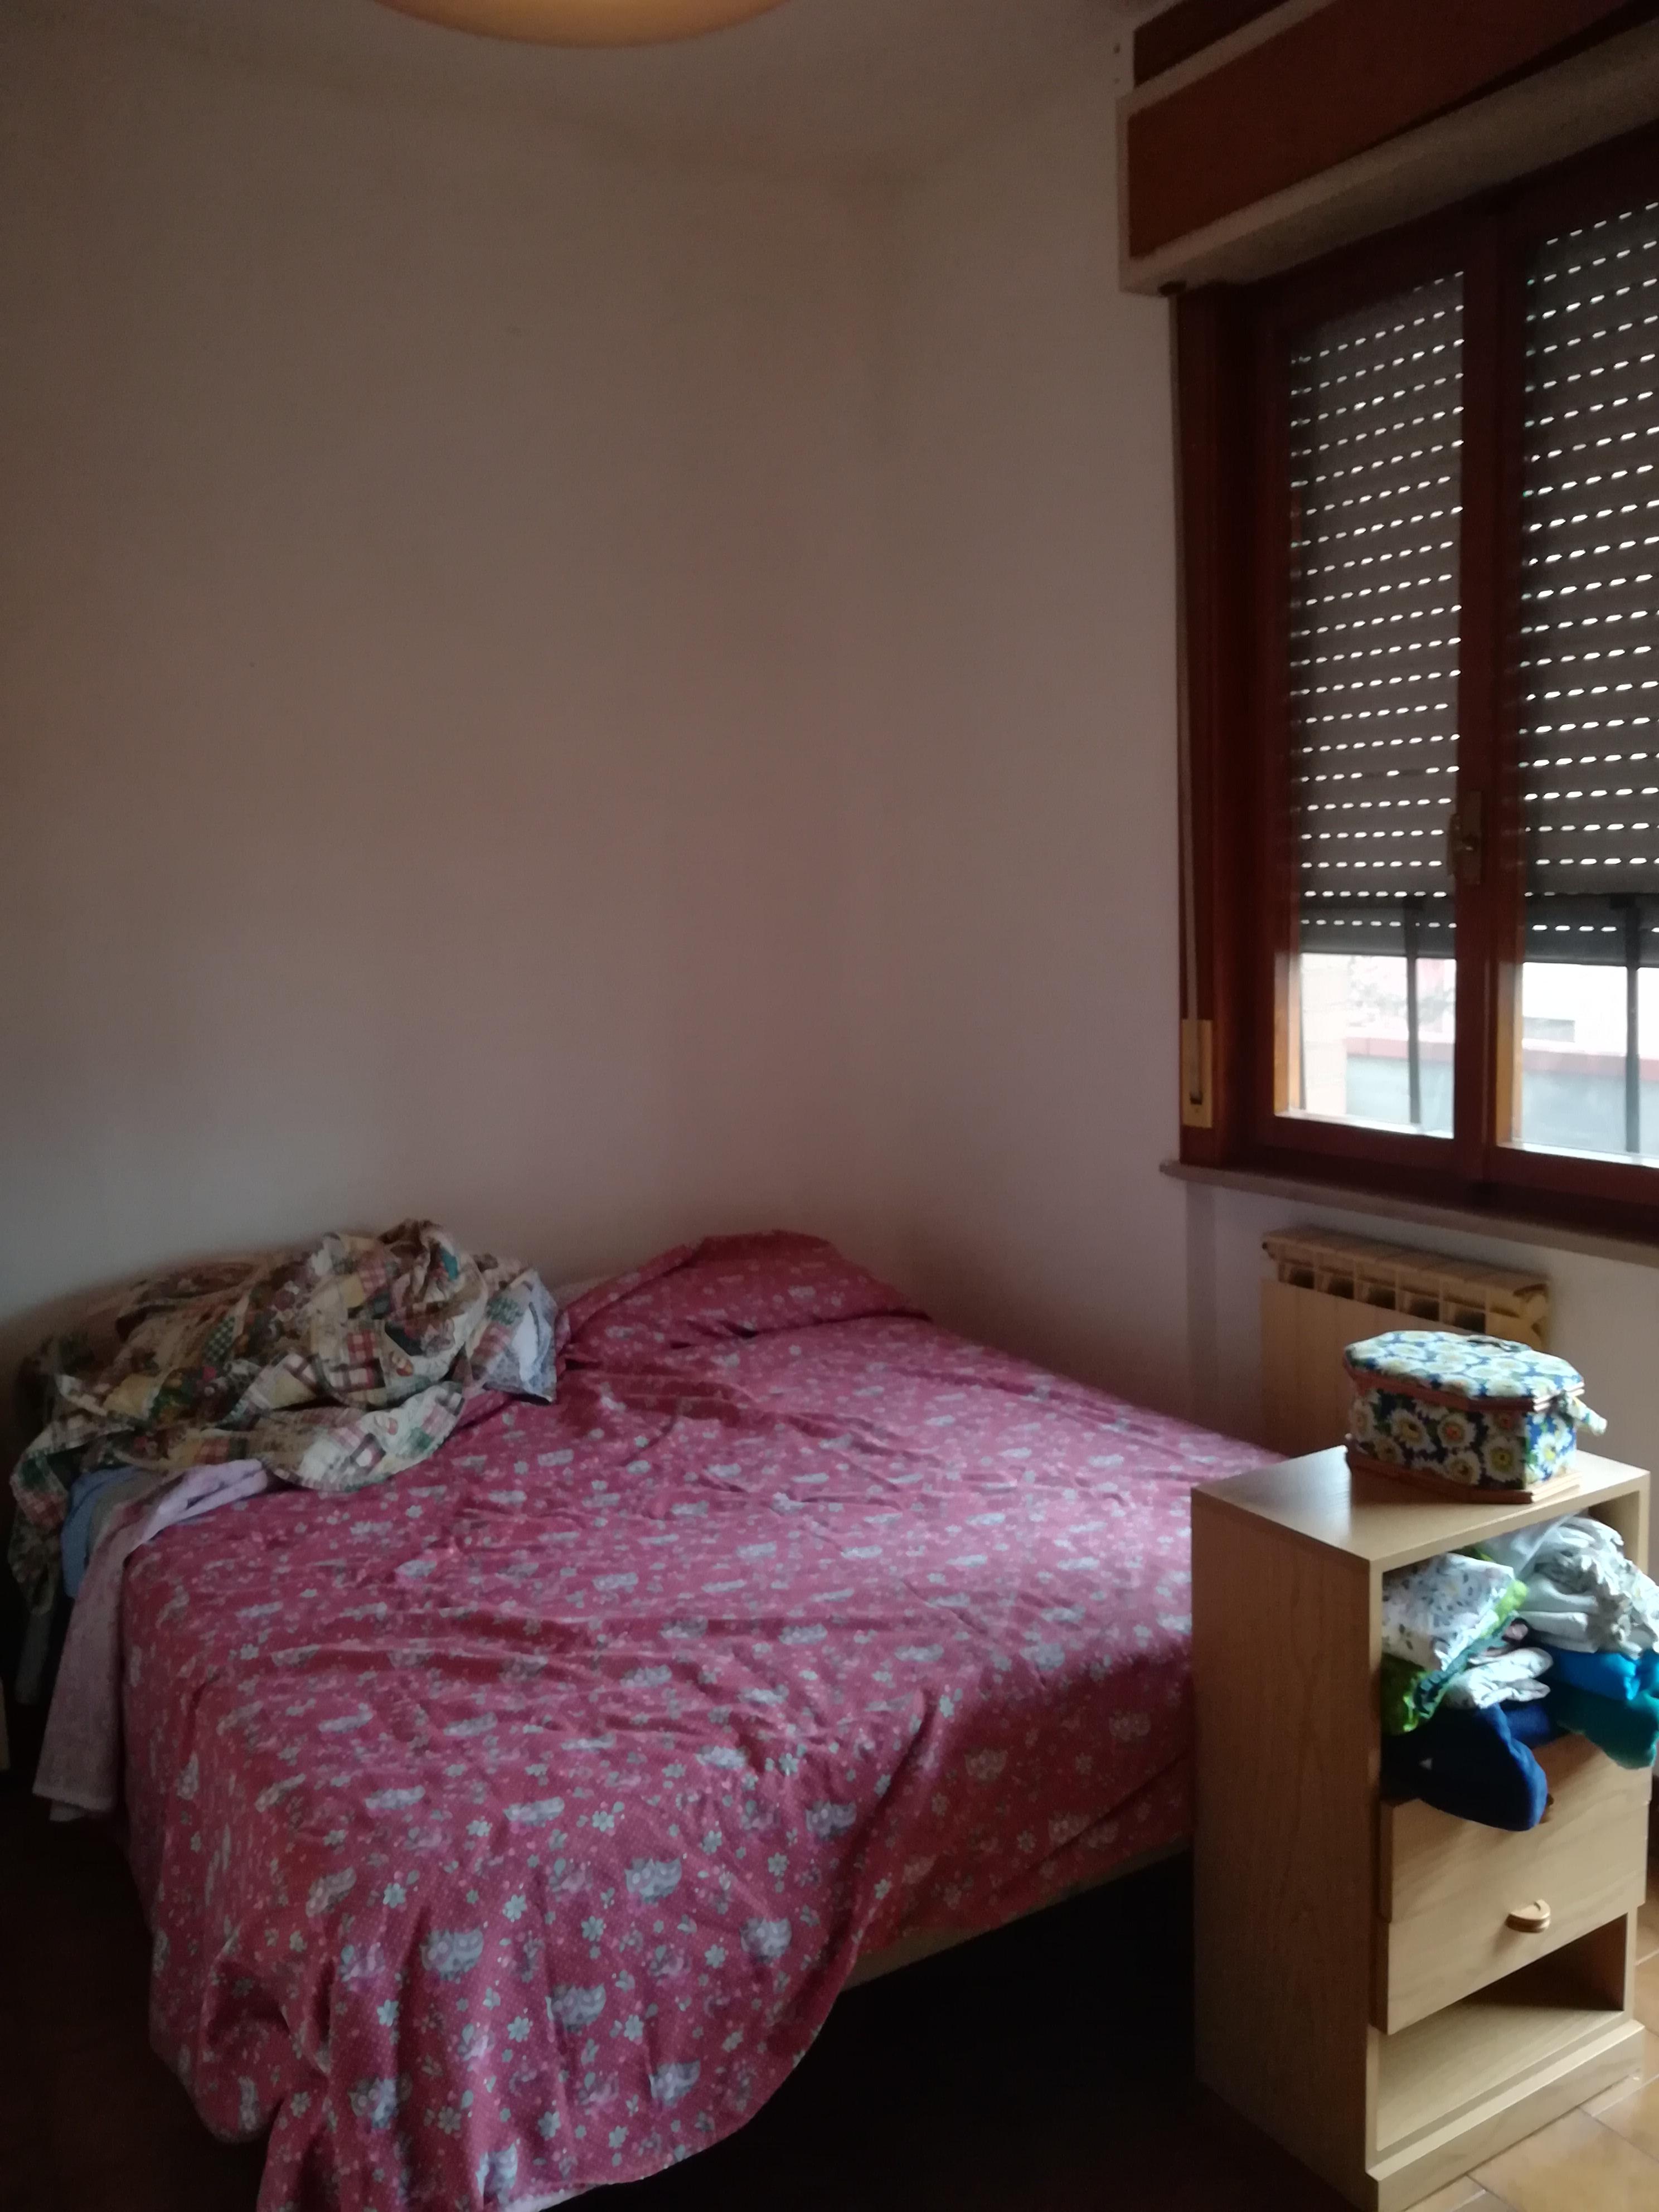 Forum Arredamento.it •Camera piccola, letto, disposizione e colore ...